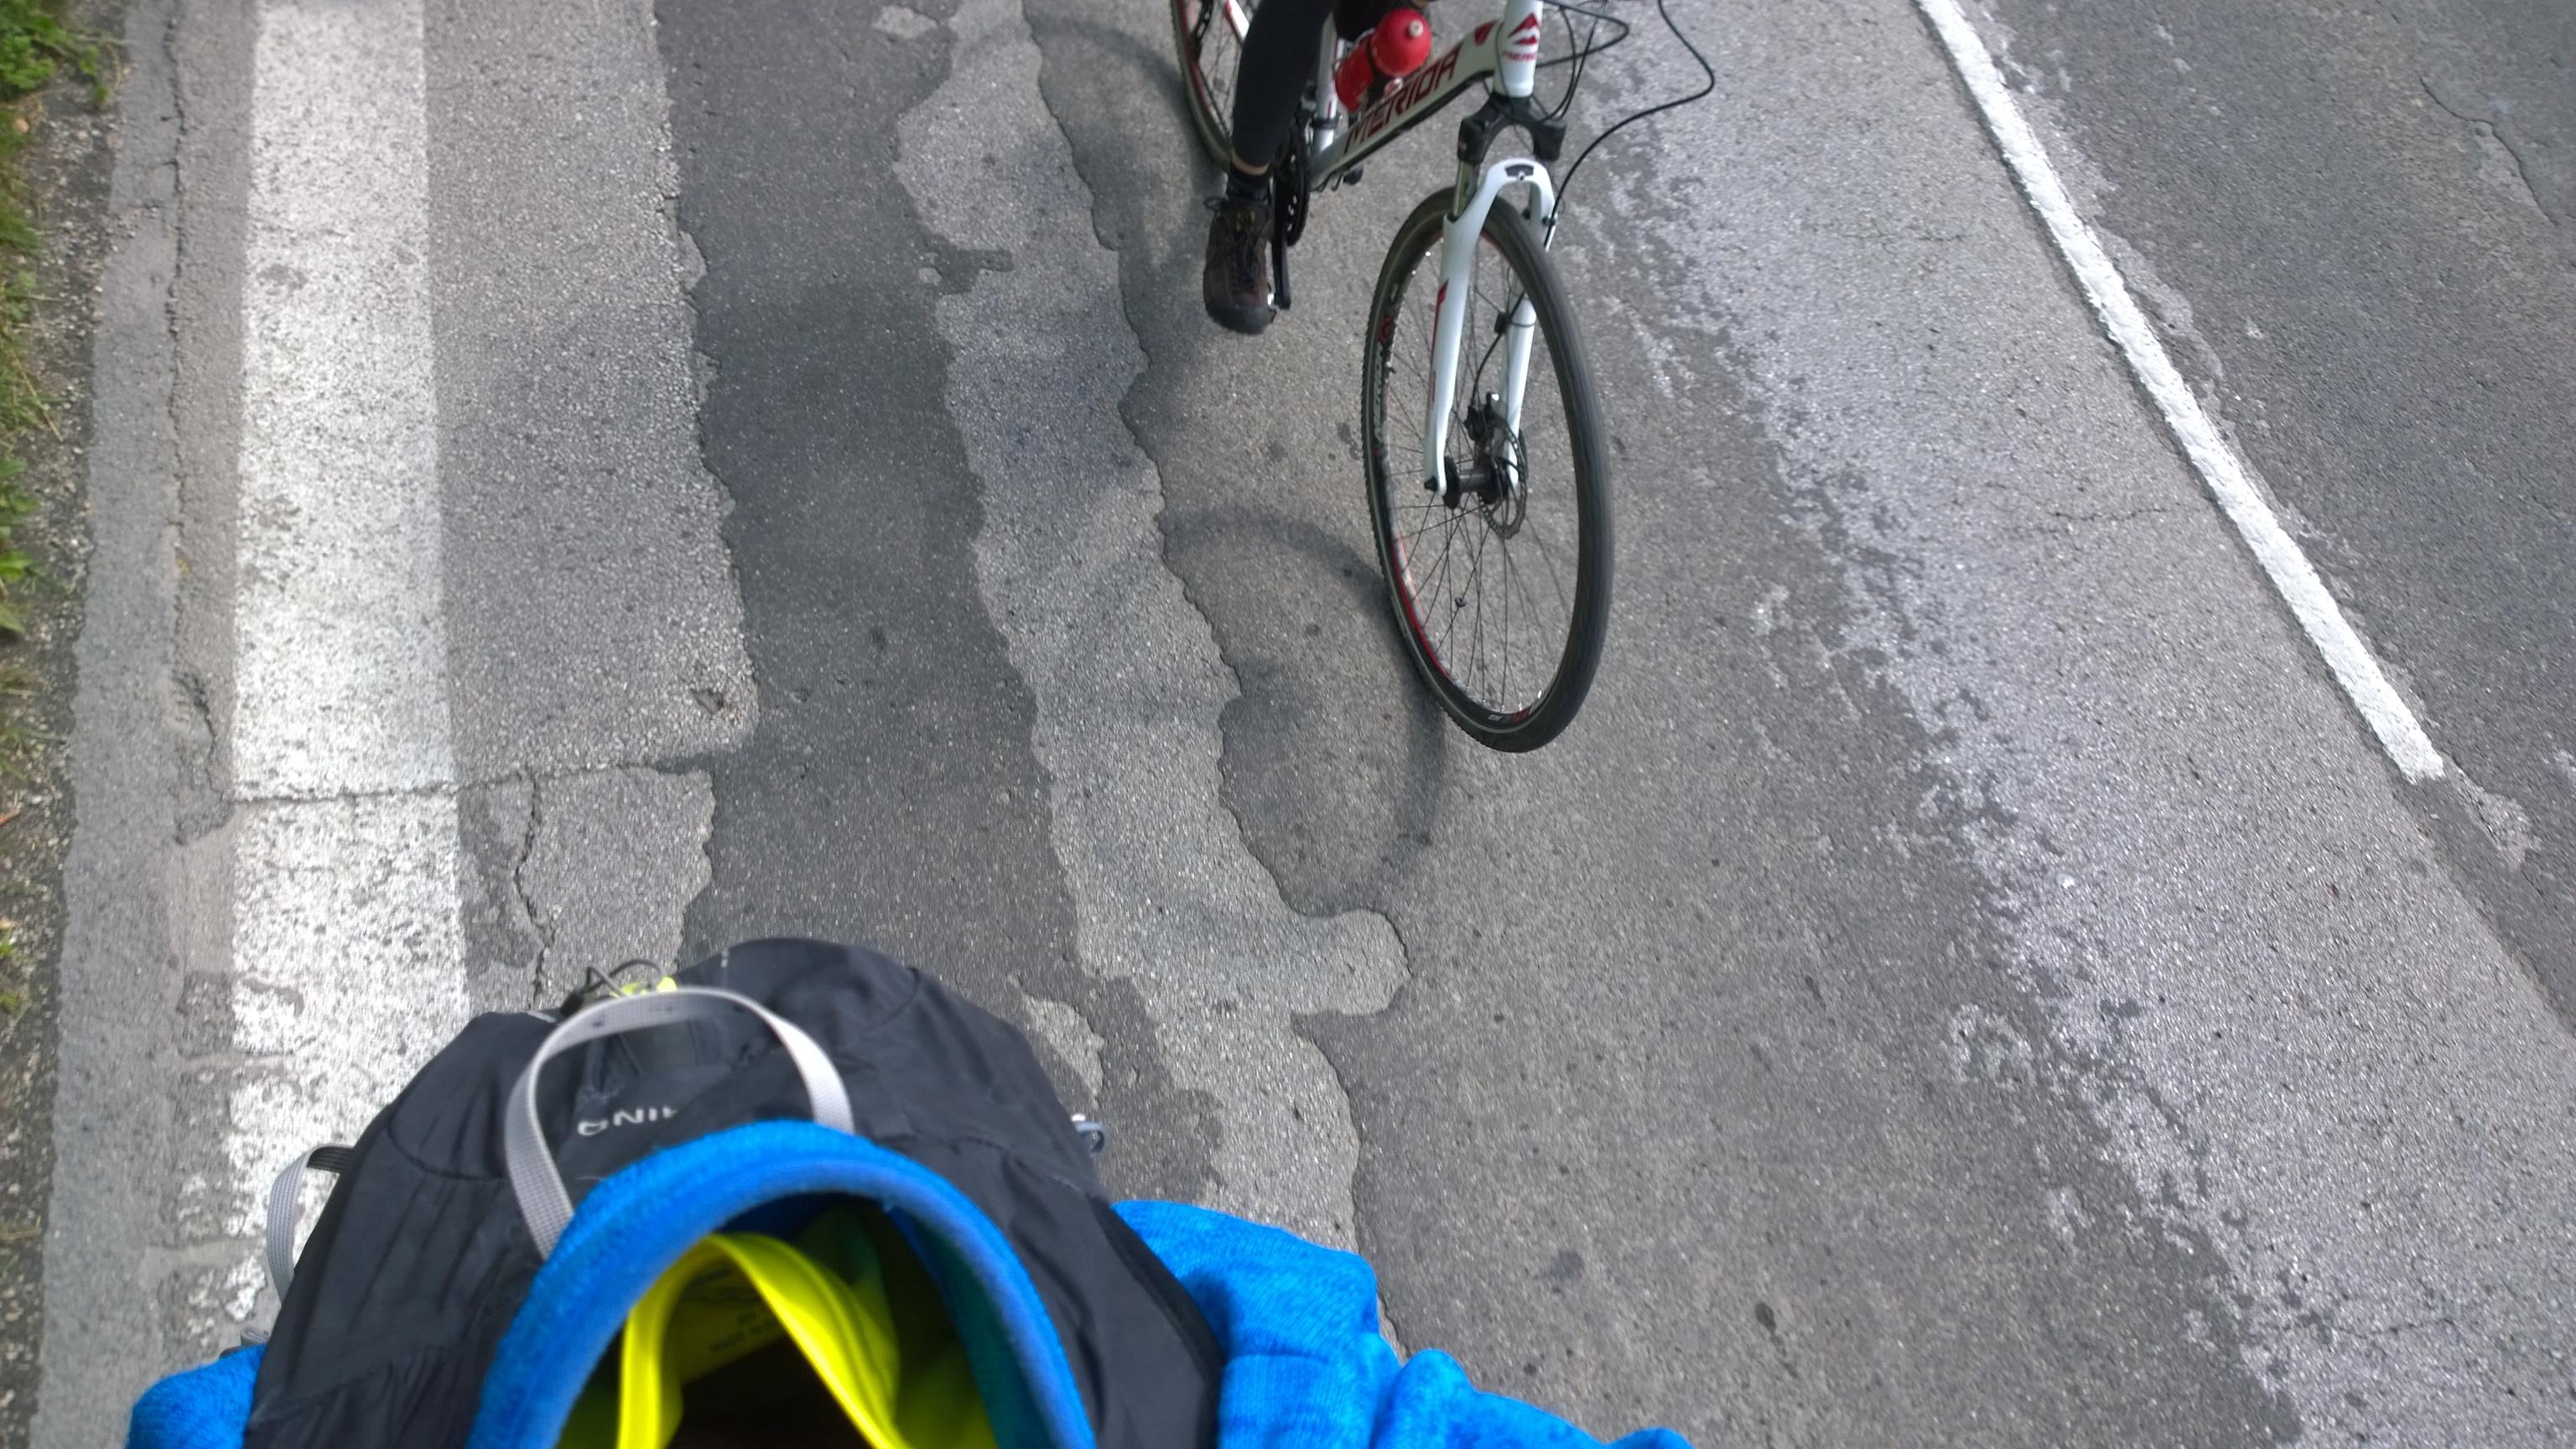 pohlad za mna pocas startu triatlonu